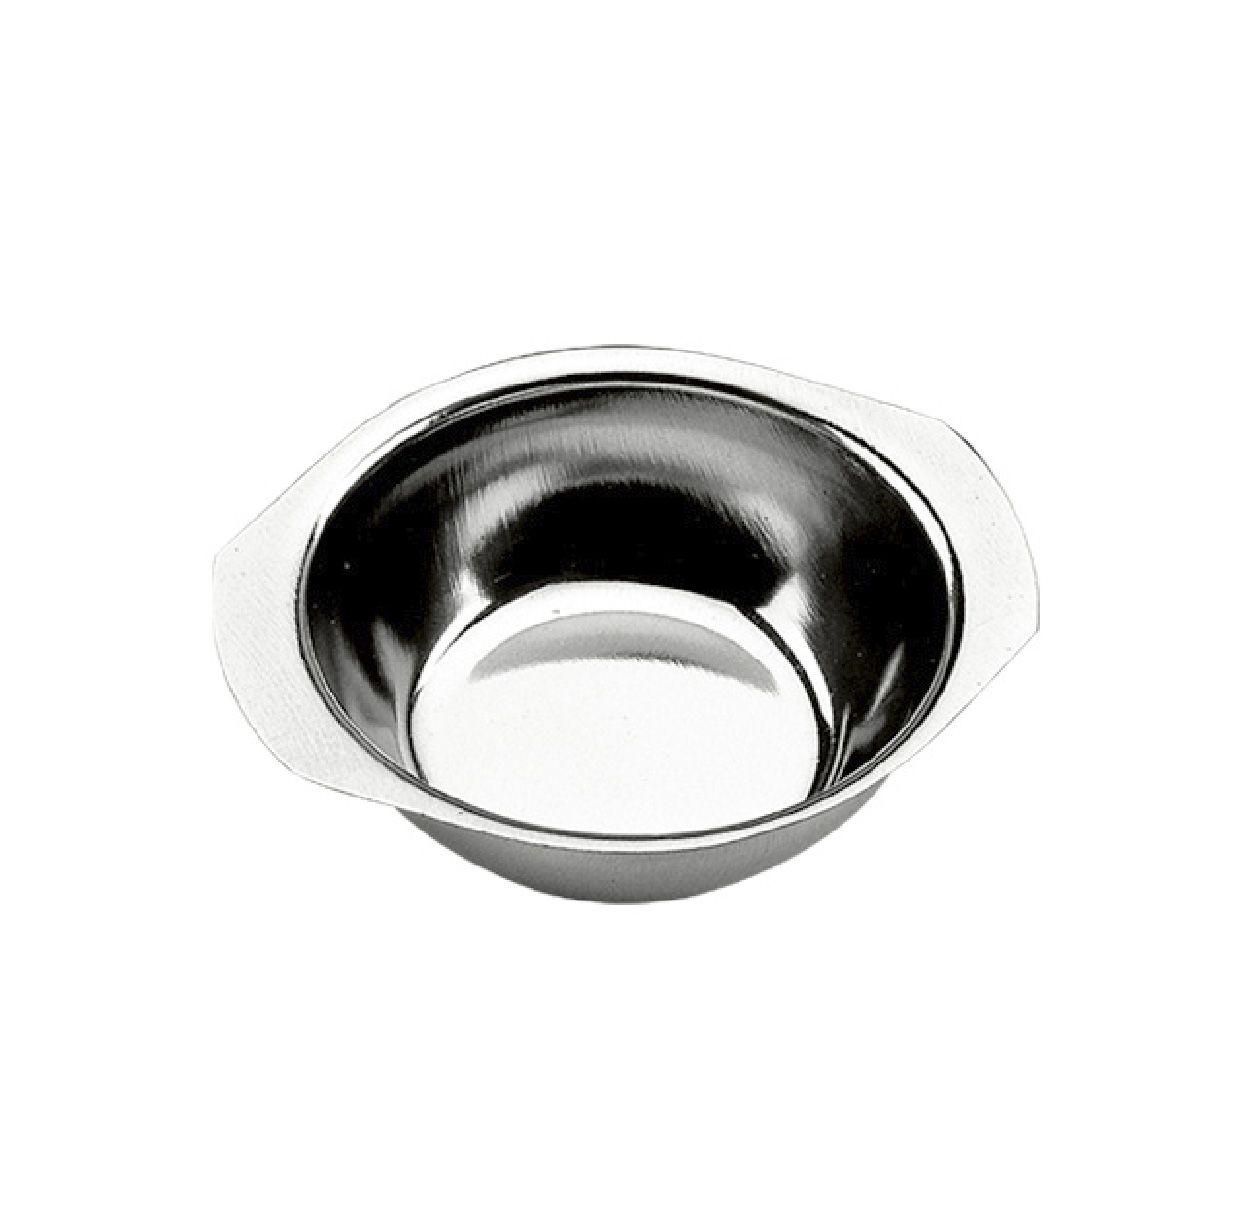 Taça para Sobremesa de Aço Inox sem Pedestal 100Ml